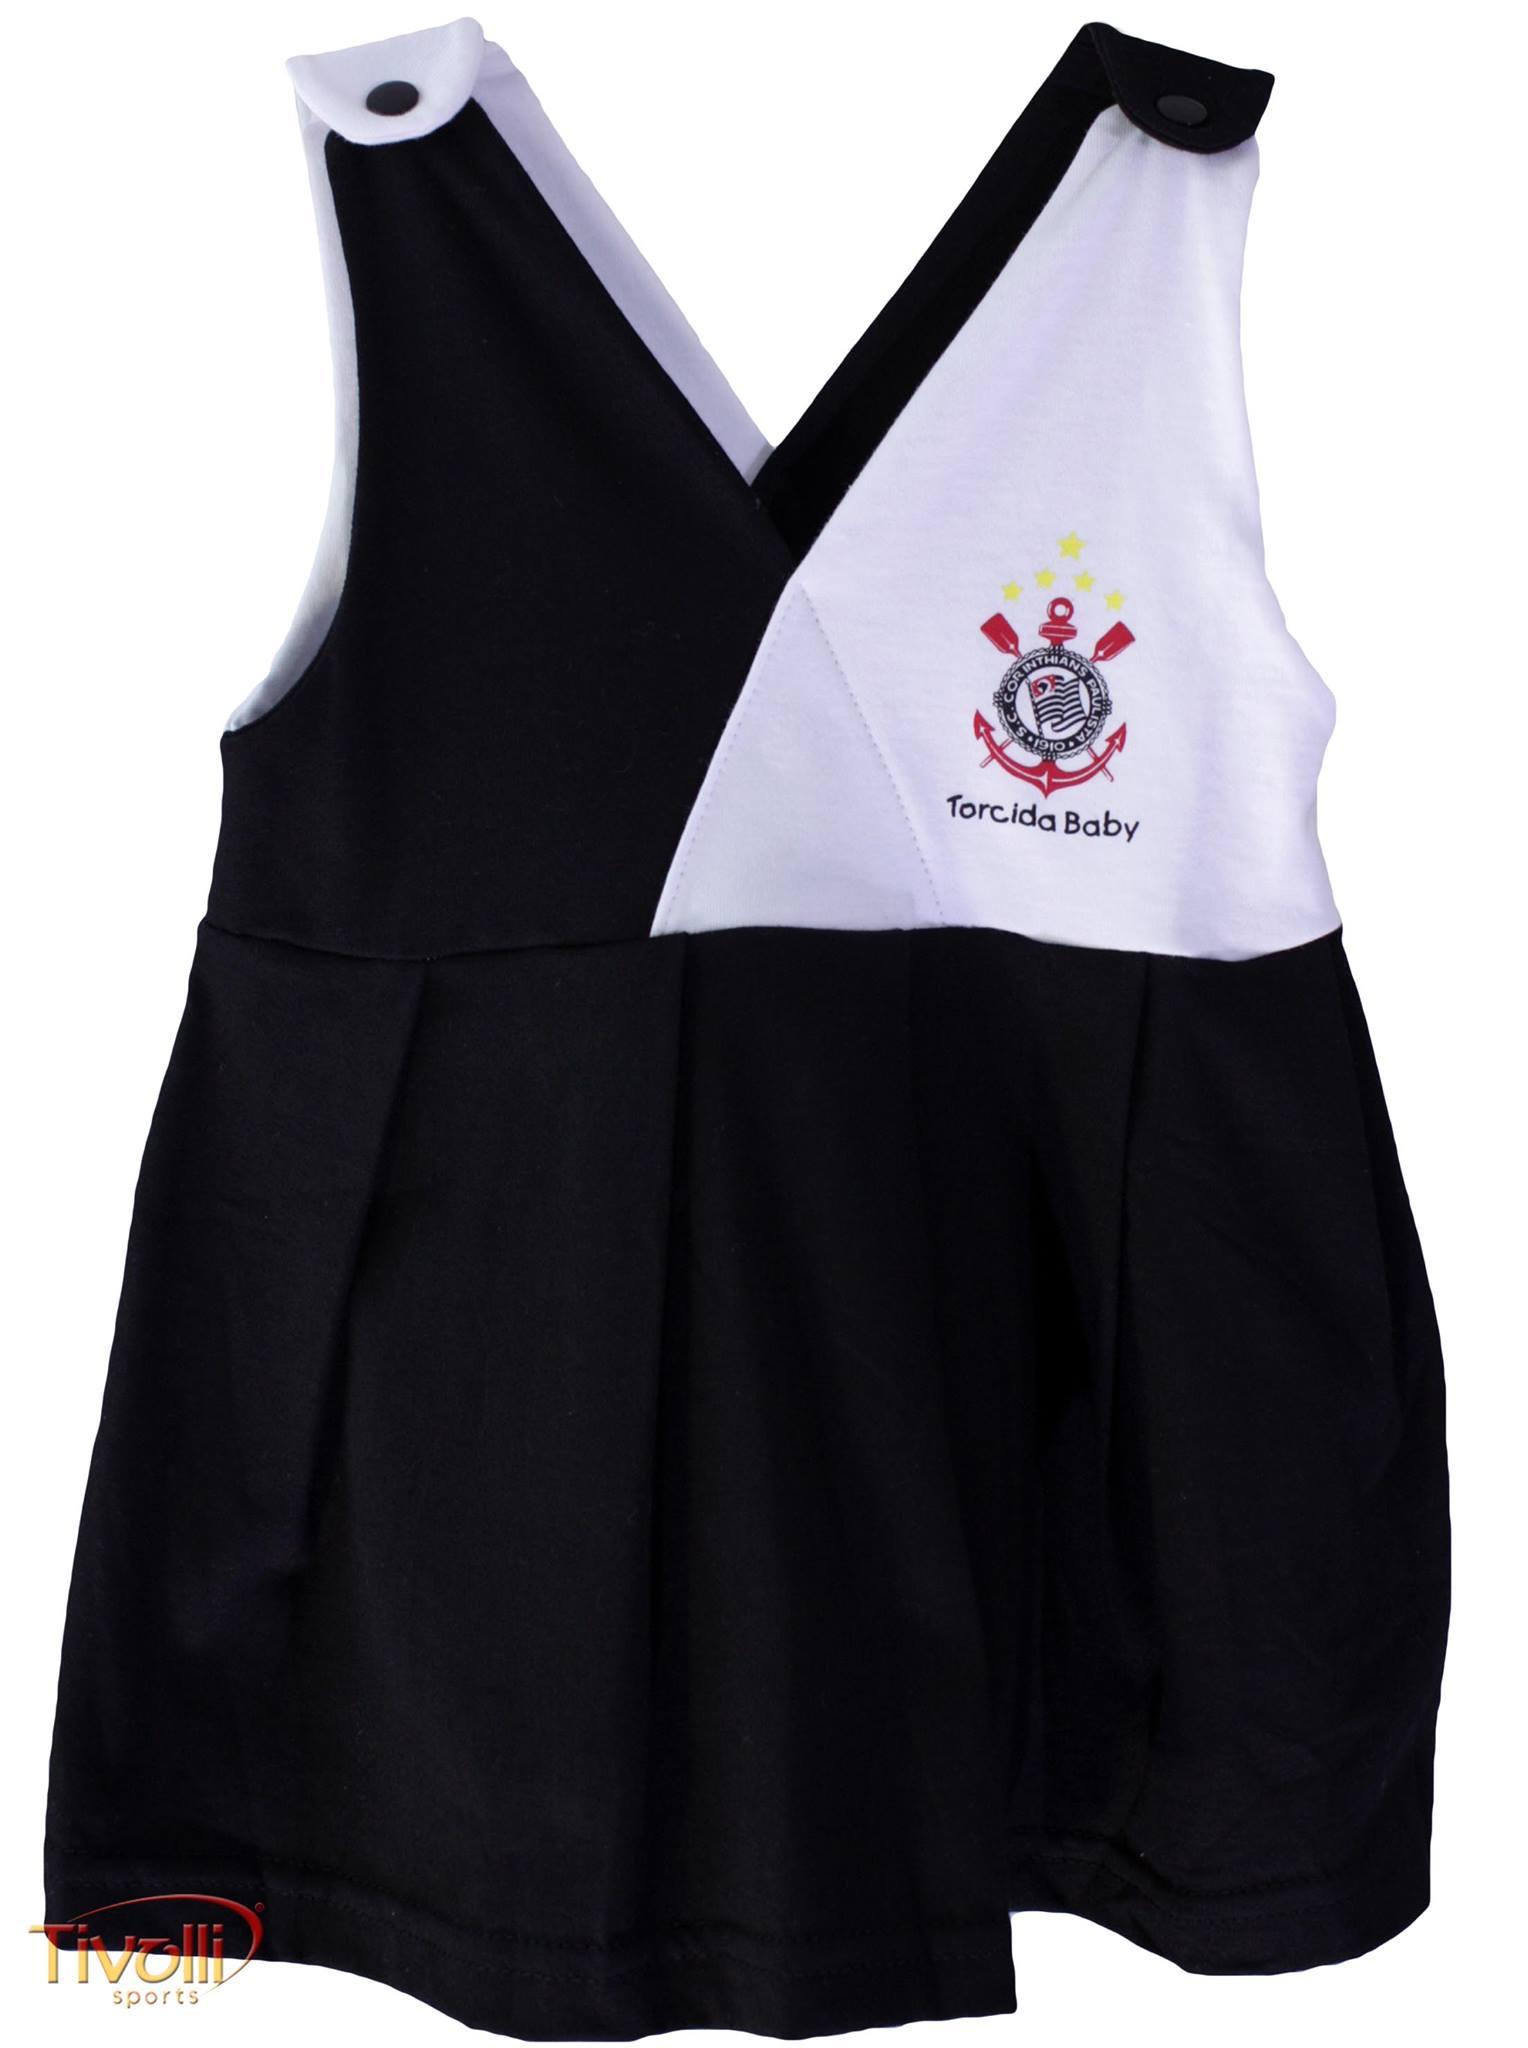 7f2a7776ff Vestido Corinthians Infantil Transpassado Torcida Baby Preto e Branco